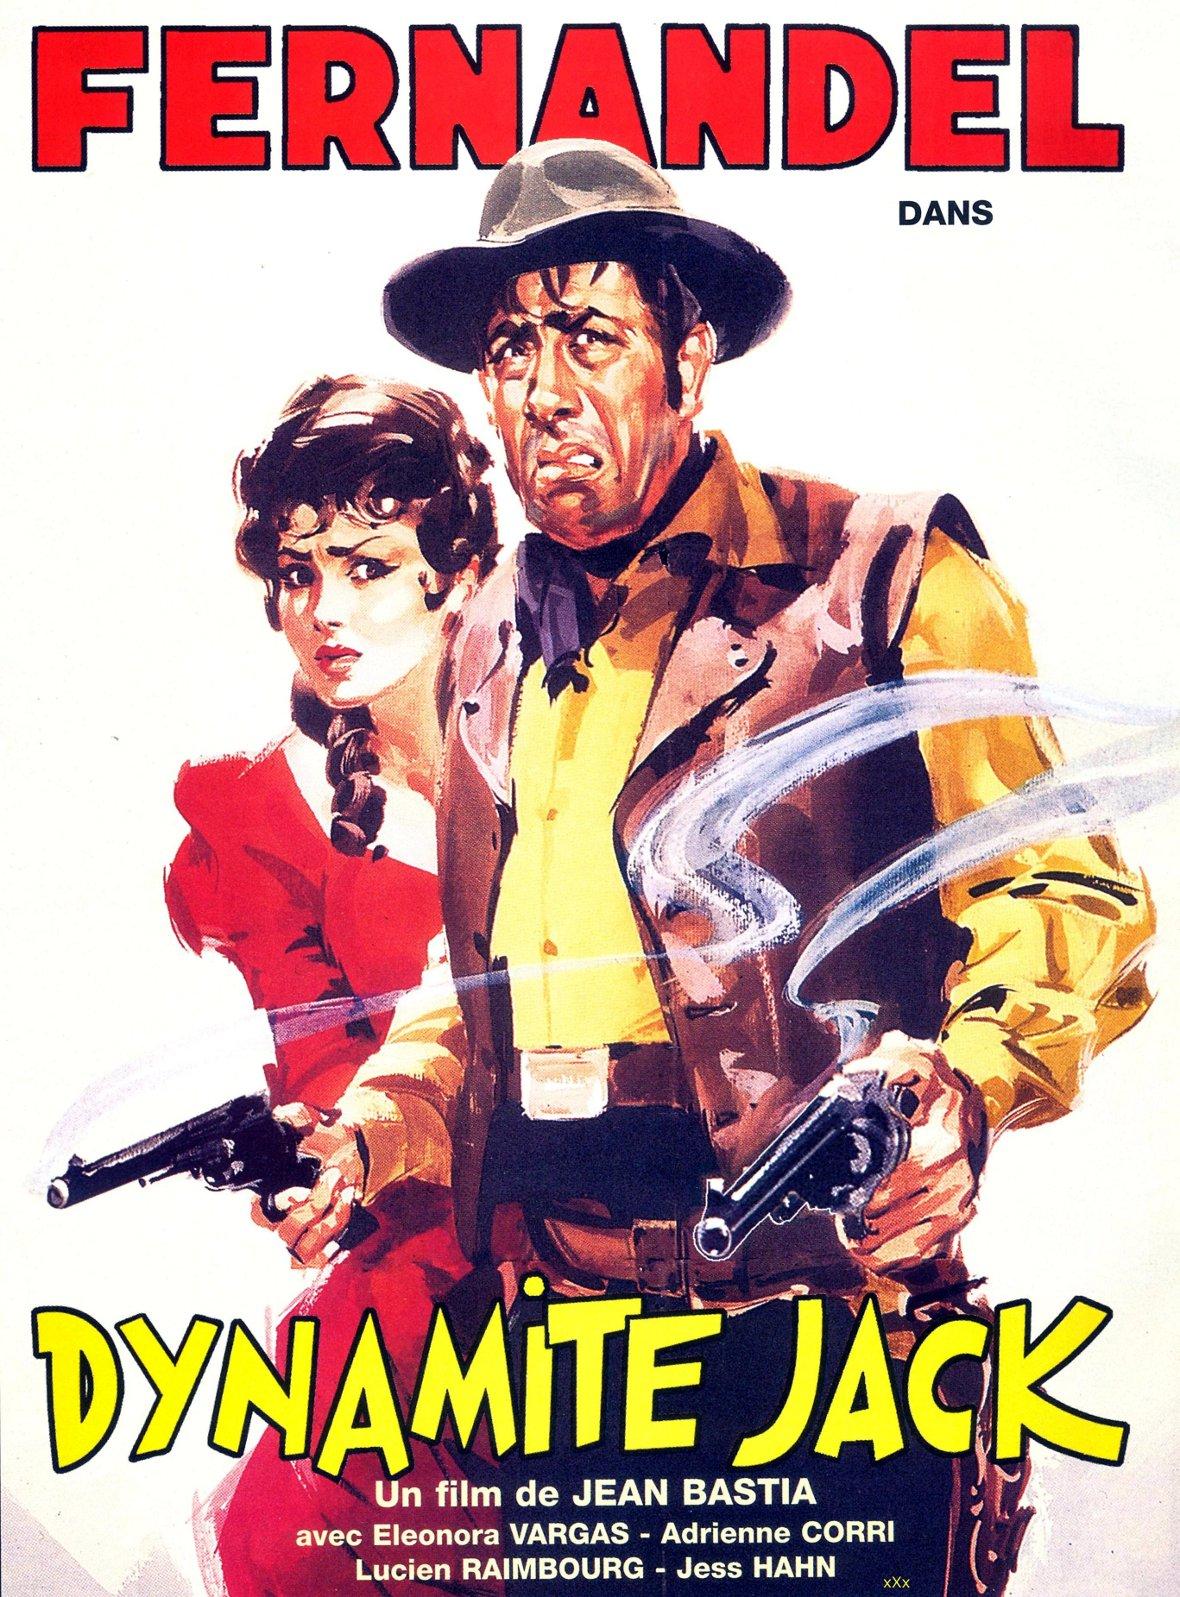 dynamite jack fernandel